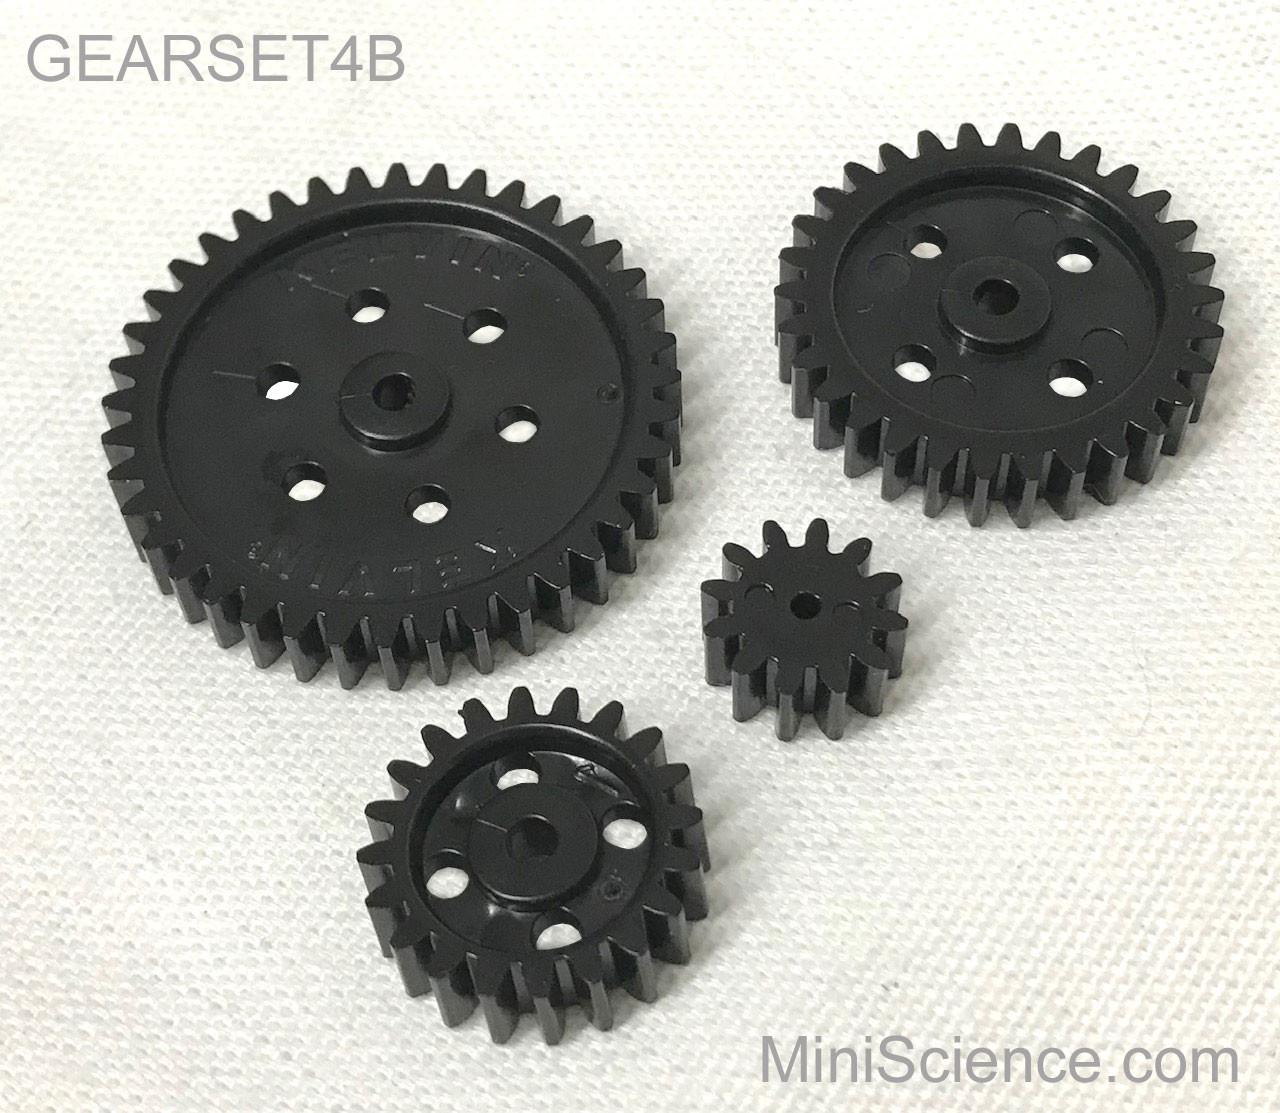 Gear set, Set of 4 plastic gears, black